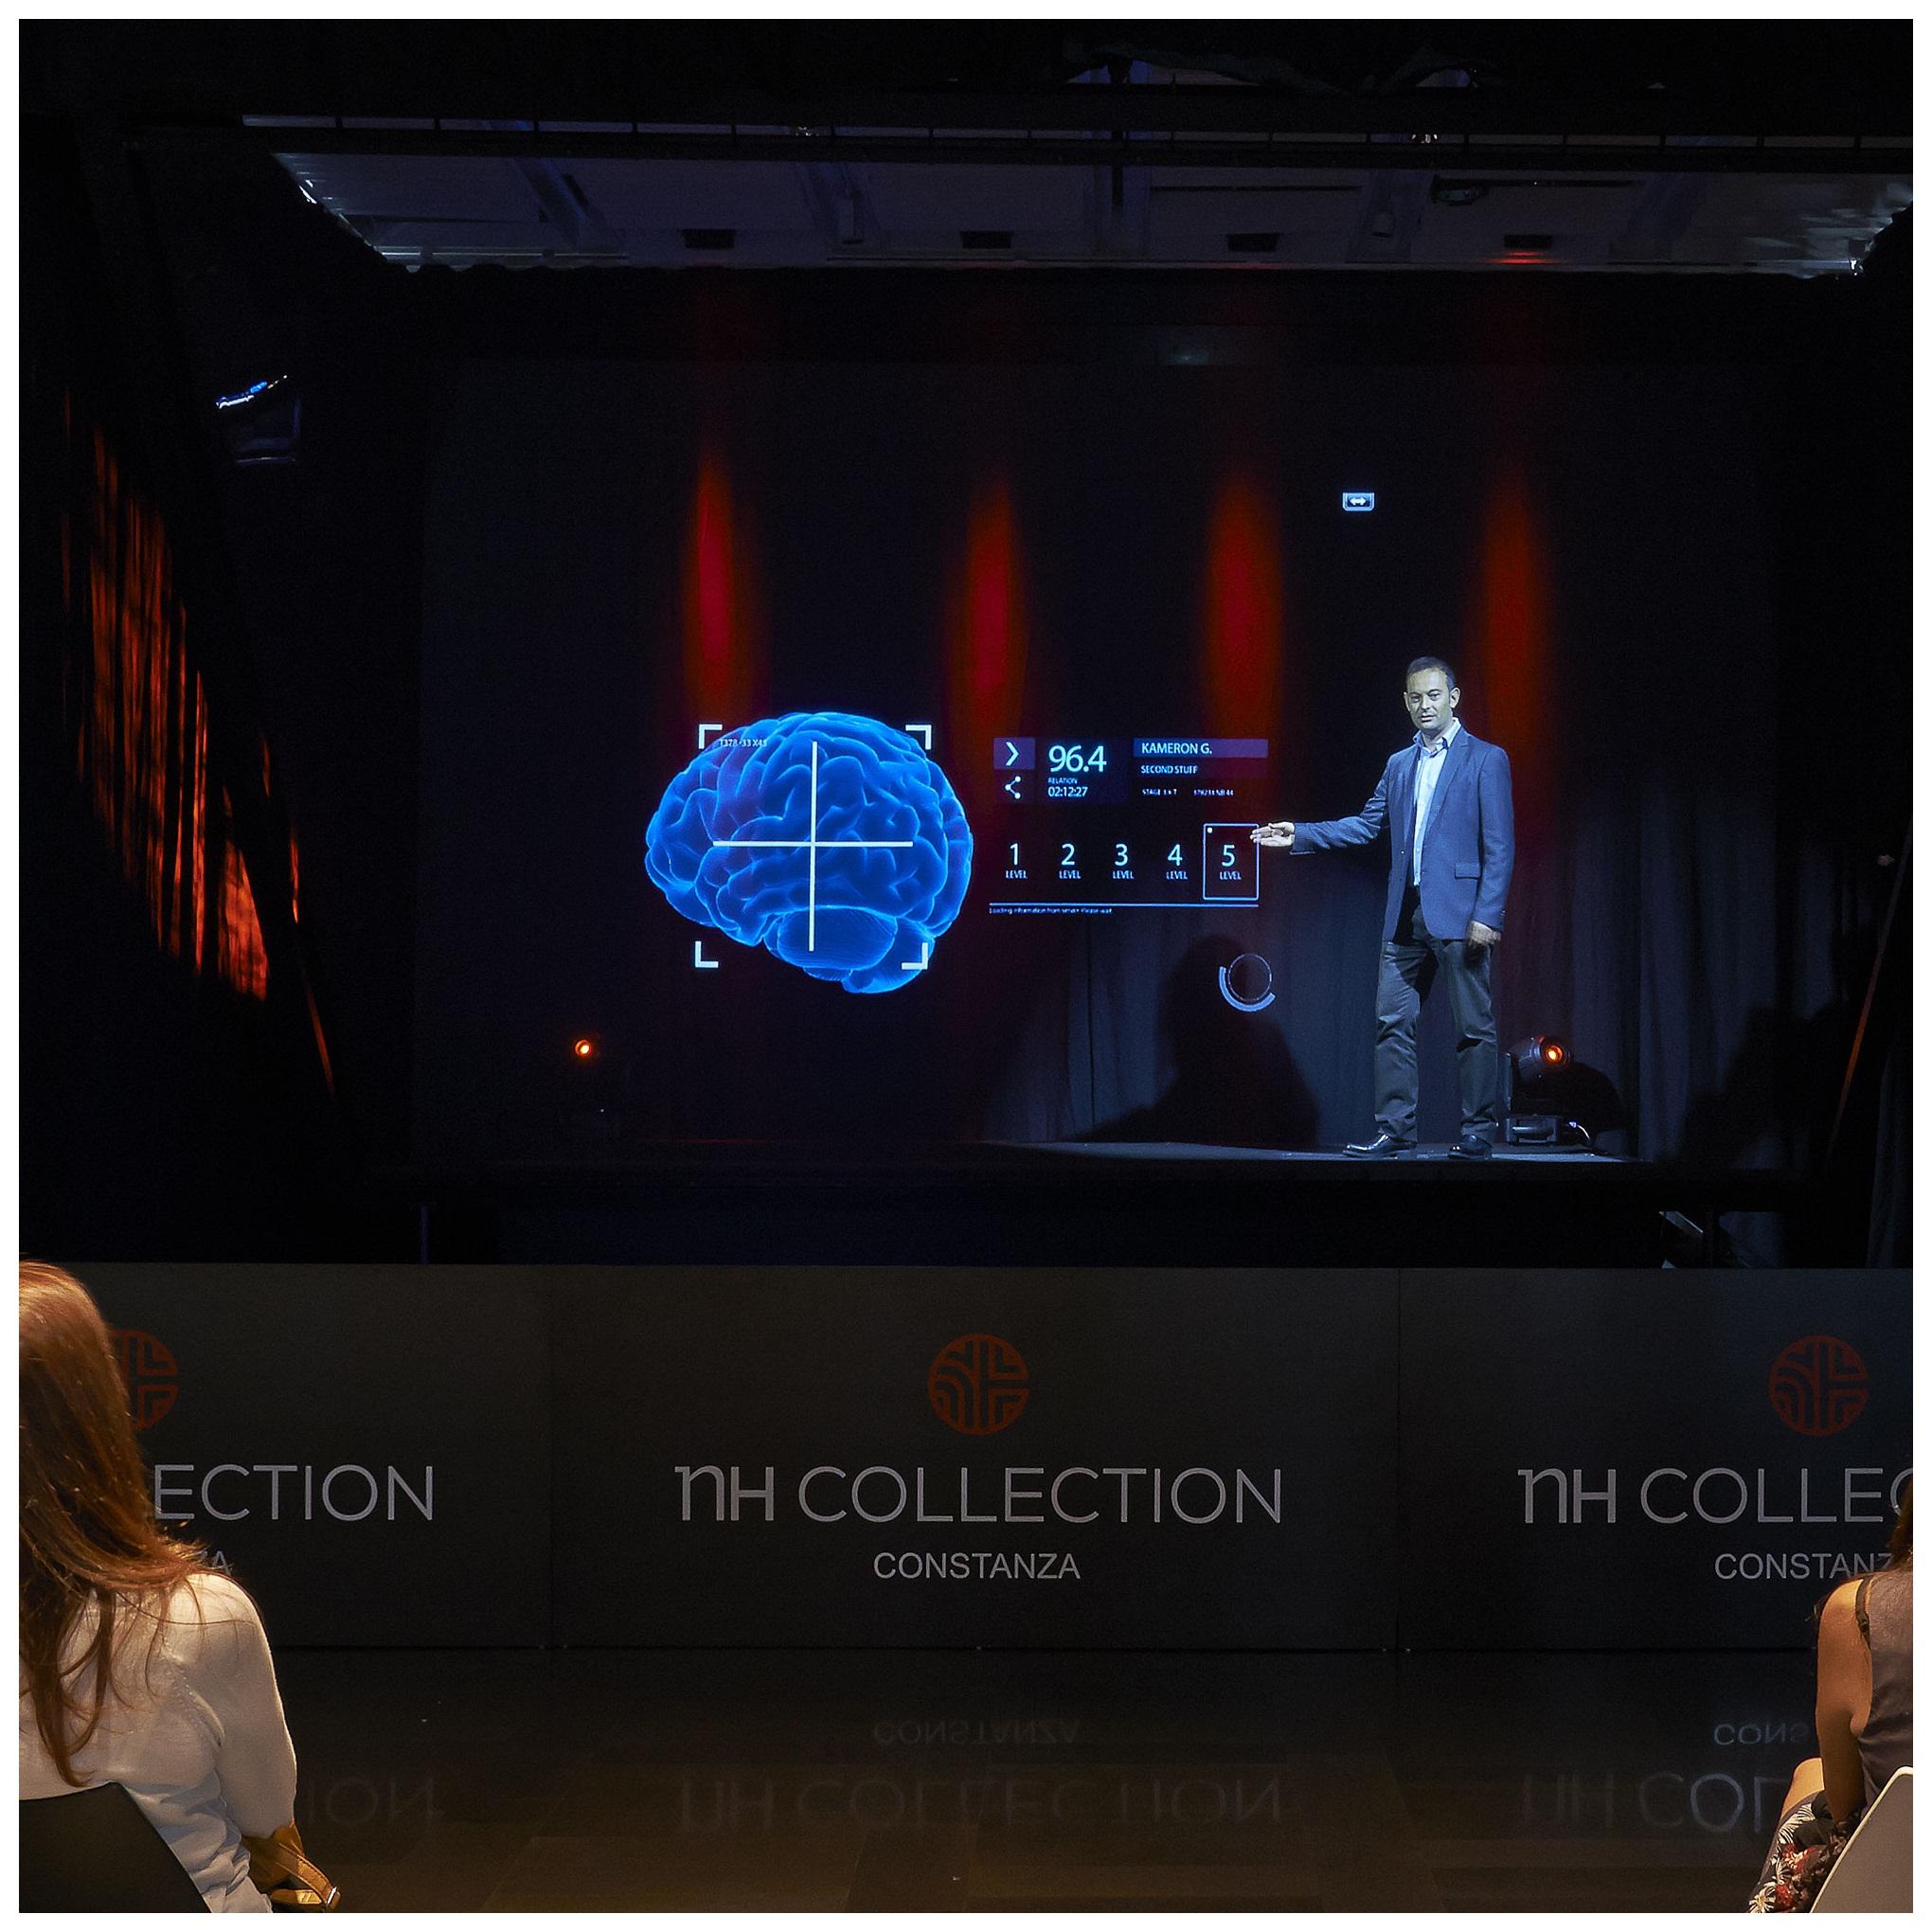 Holographic Musion Eyeliner Foil 3D Hologram Projector System Pepper